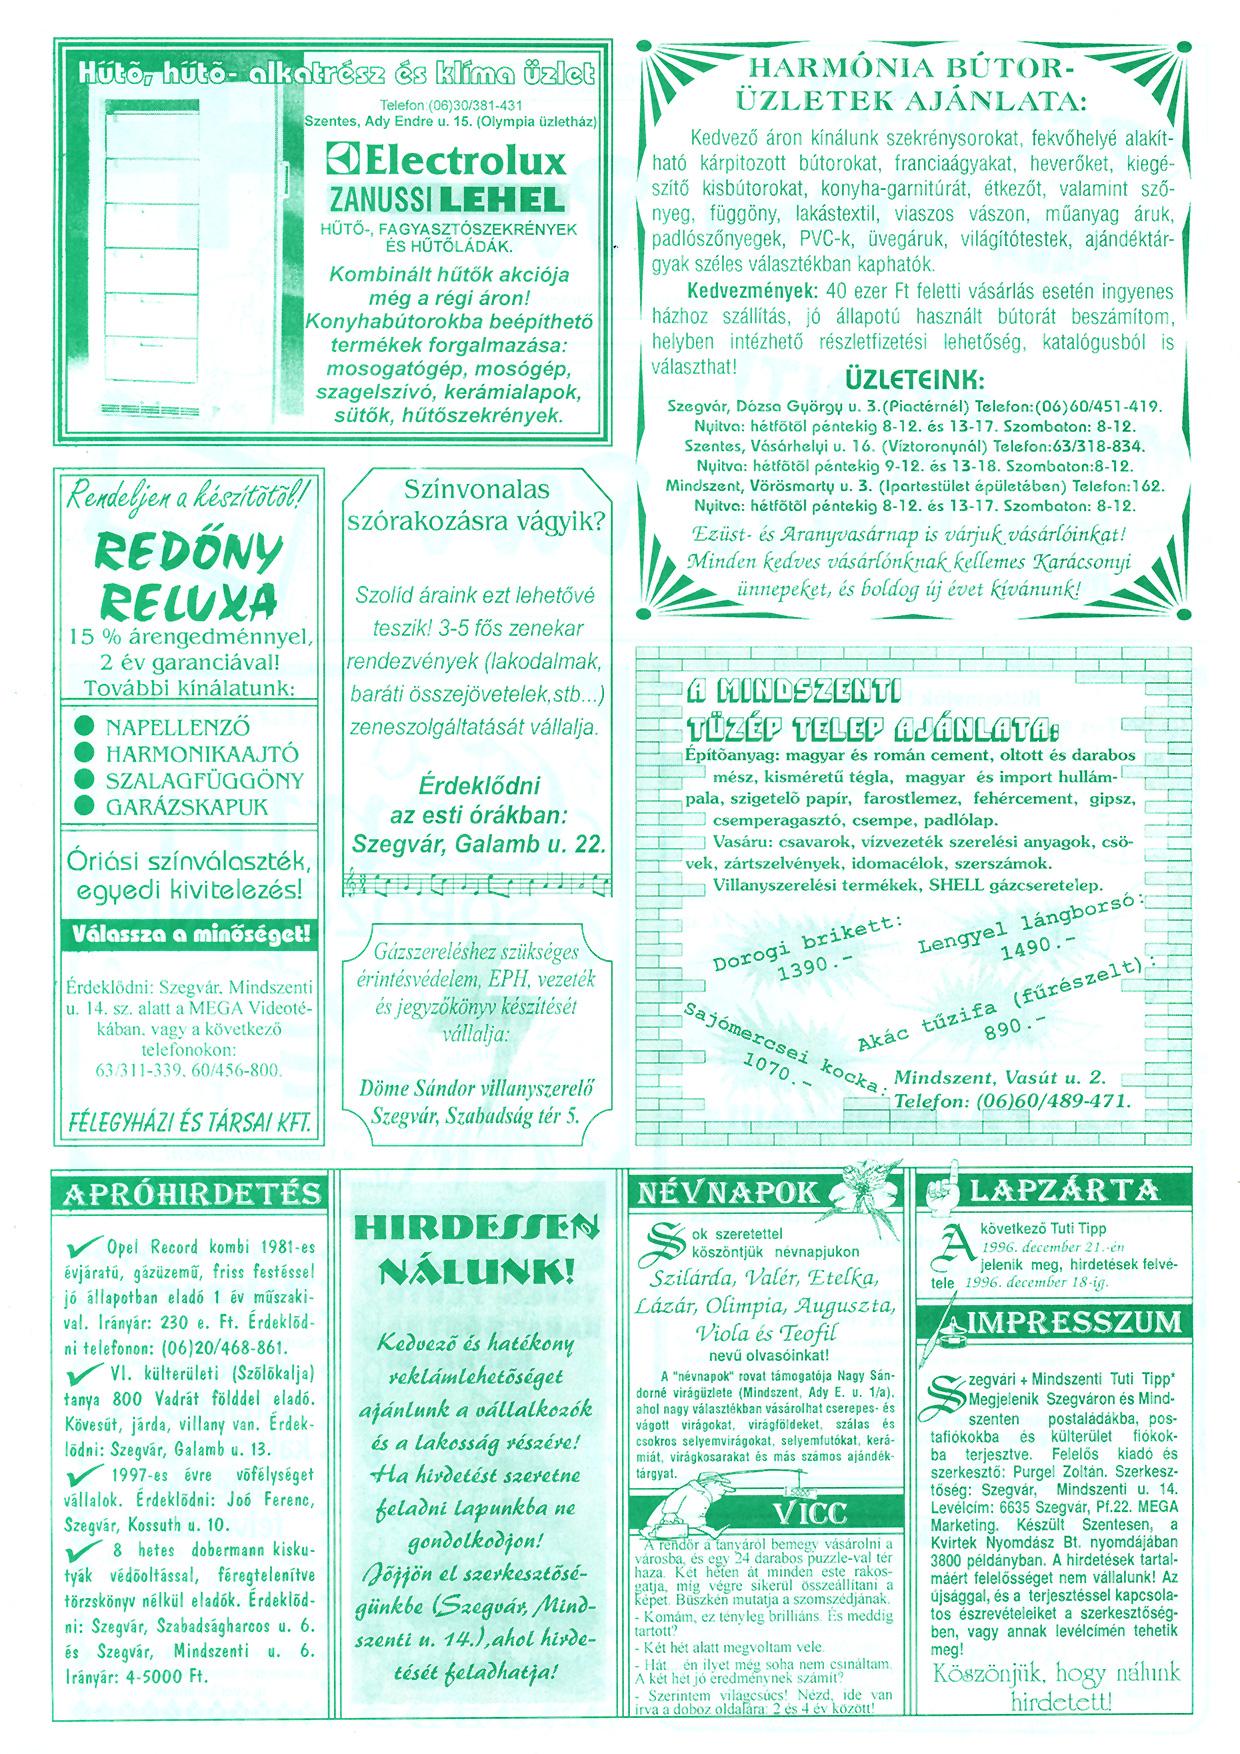 084 Szegvári és Mindszenti Tuti Tipp reklámújság - 19961214-037-014. lapszám - 2.oldal - II. évfolyam.jpg